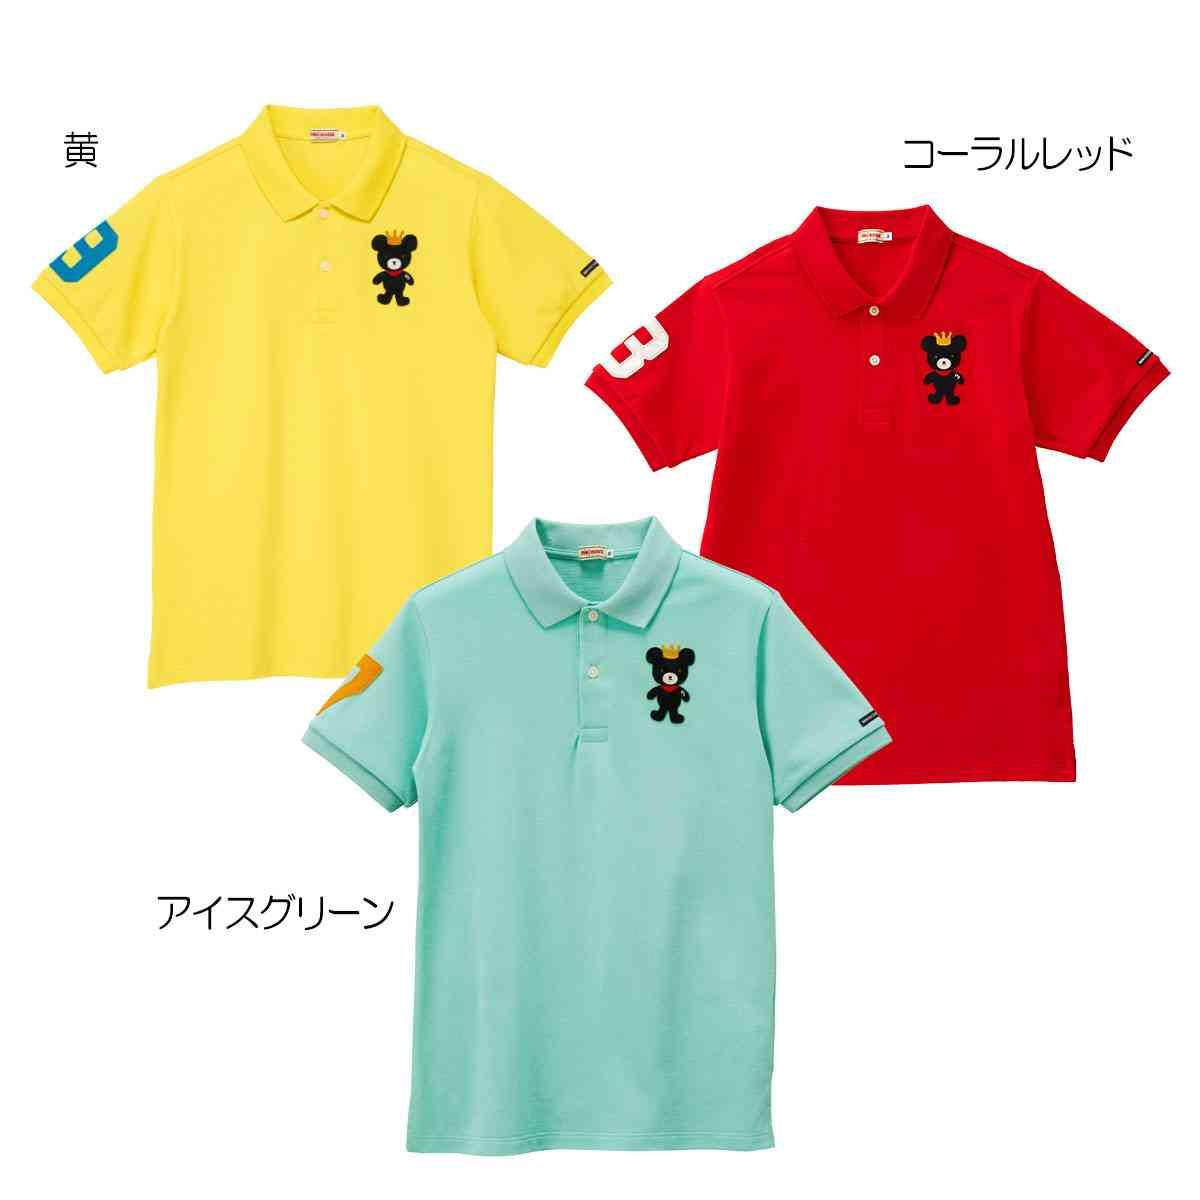 ☆ mikiHOUSE(ミキハウス)キングくん 半袖ポロシャツ 大人用 S 12-5571-951